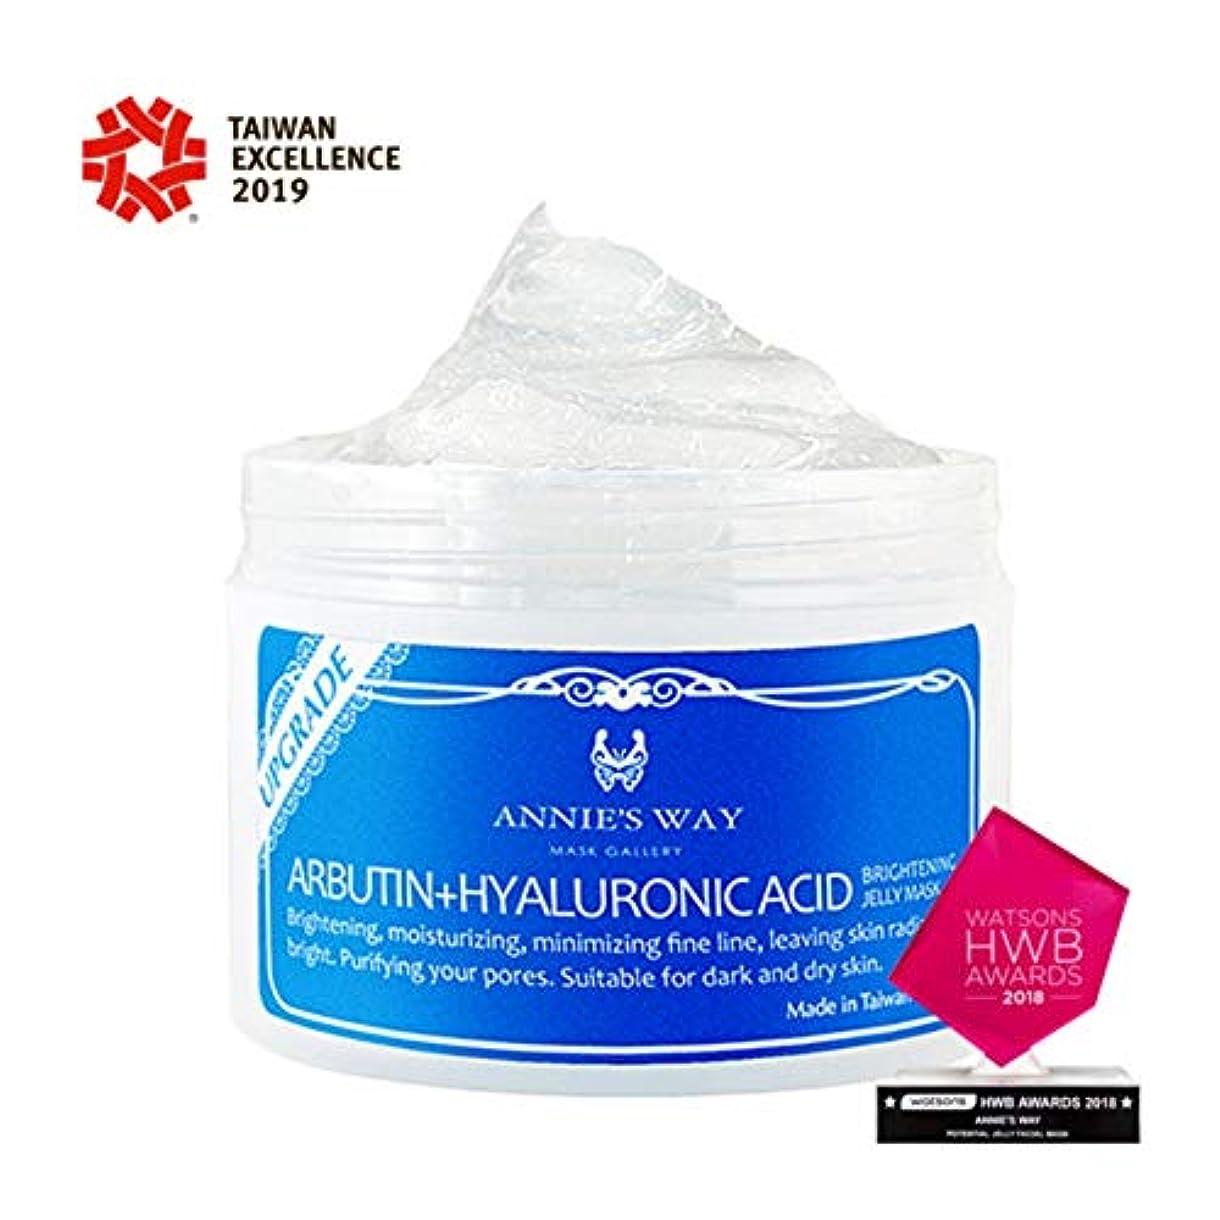 資料人気のつなぐAnnie's Way 欧米人気毛穴ケア ホワイト クリアパック 250ml 台湾 コスメ ジェリーマスク (アルブチン+ヒアルロン酸)